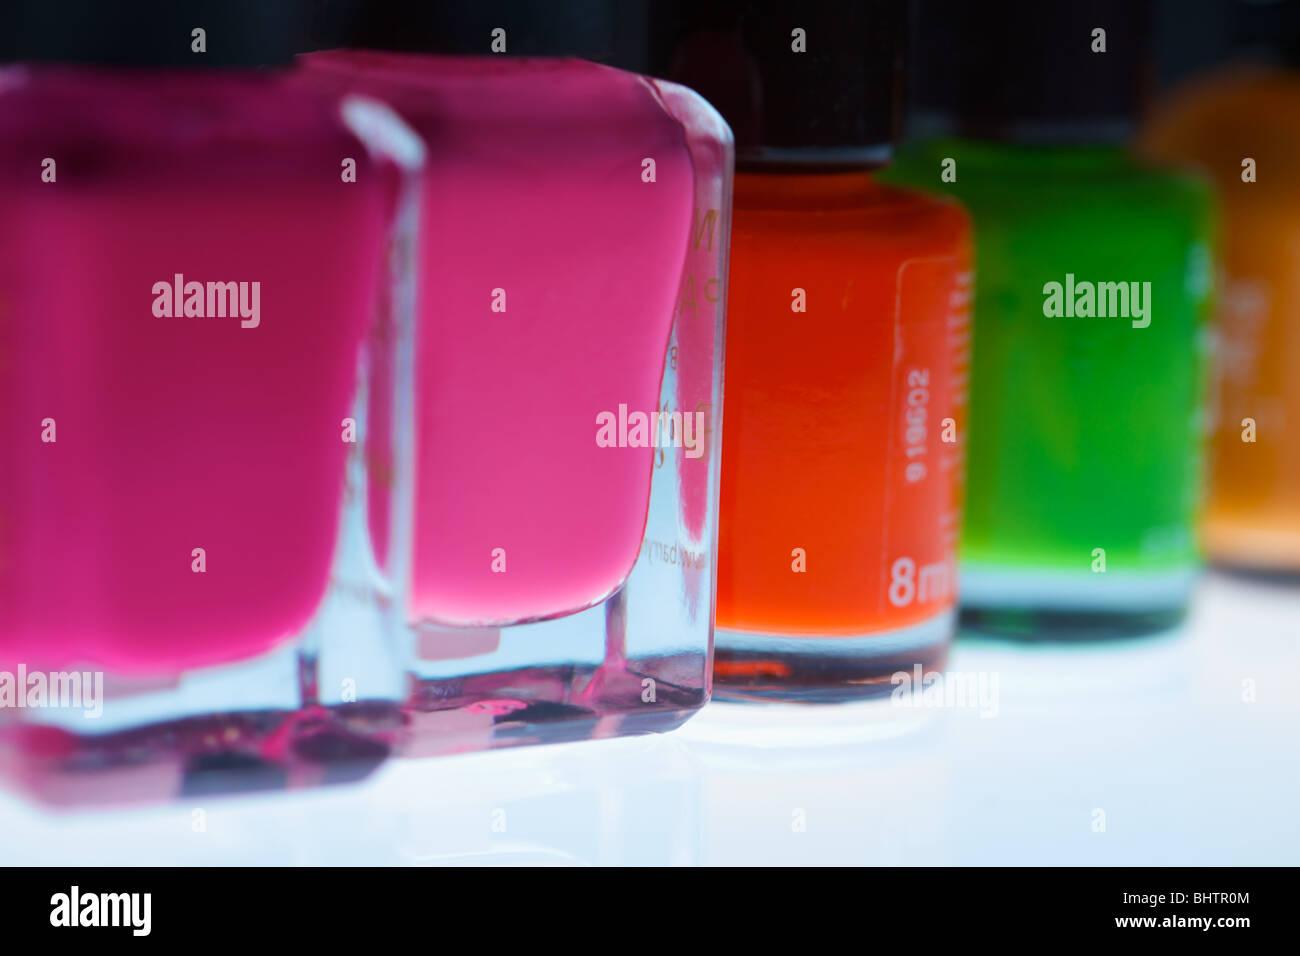 nail varnish bottles close up using a macro lens - Stock Image